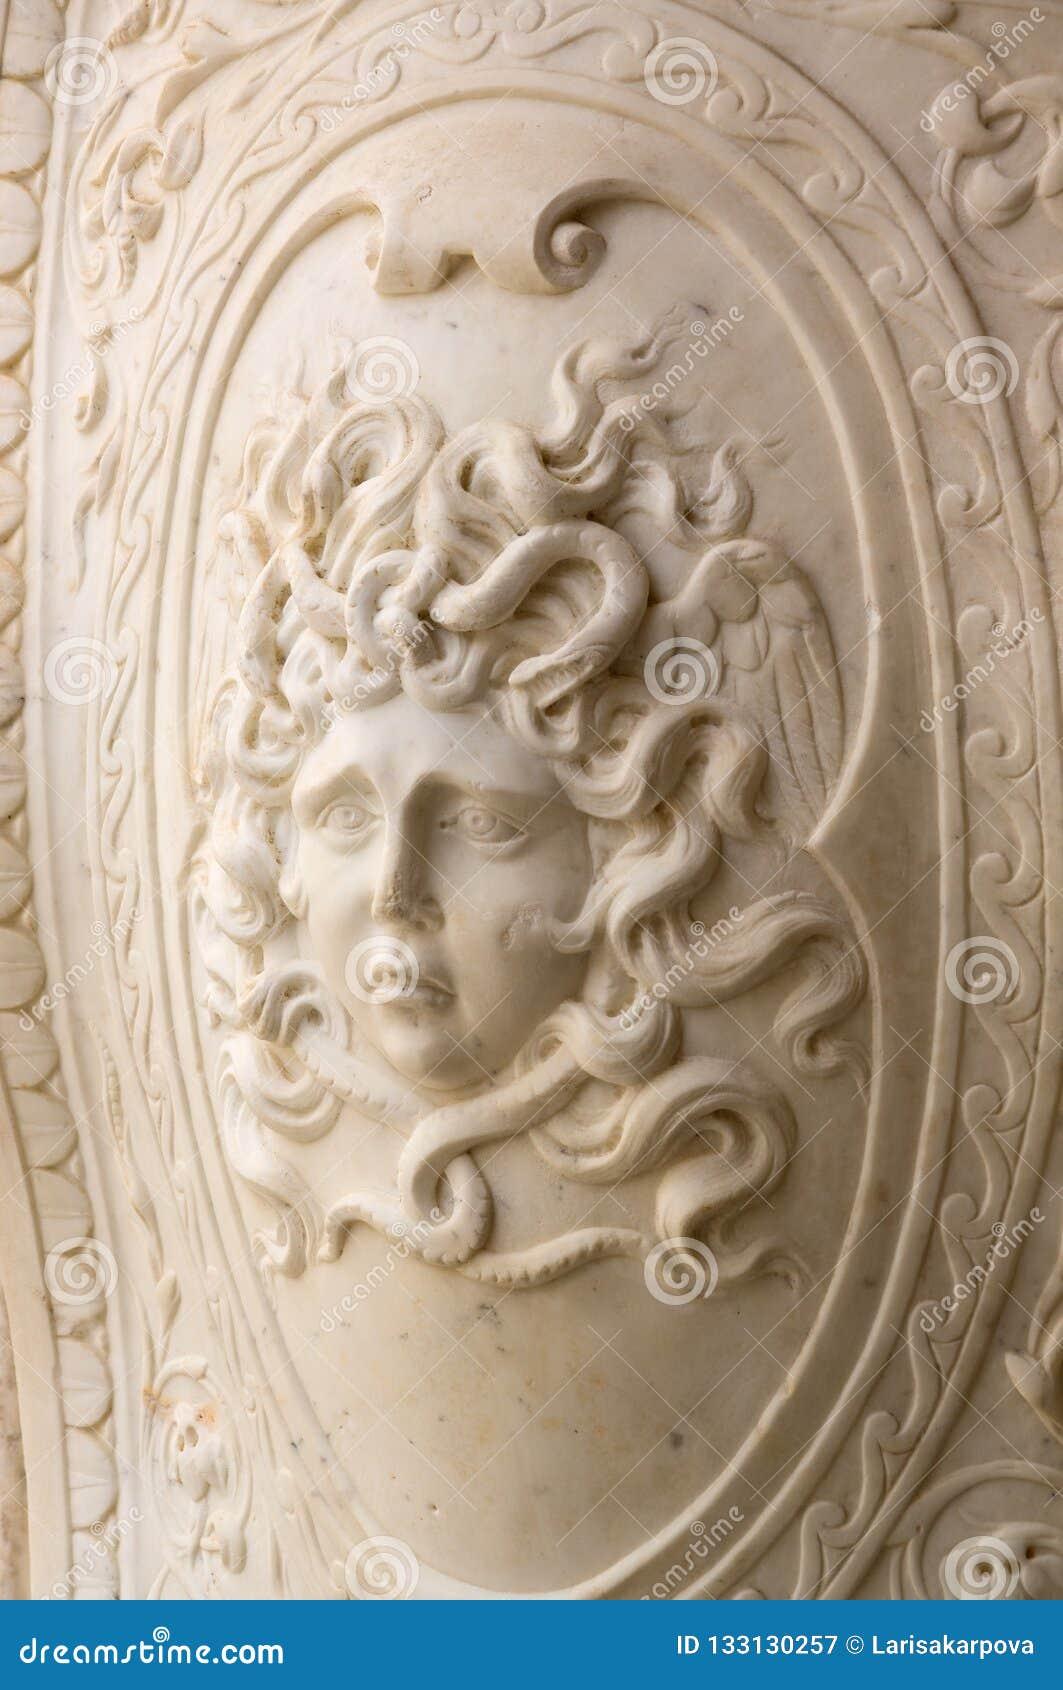 Bâtiments historiques et monuments de Séville, Espagne Mains statue marbre